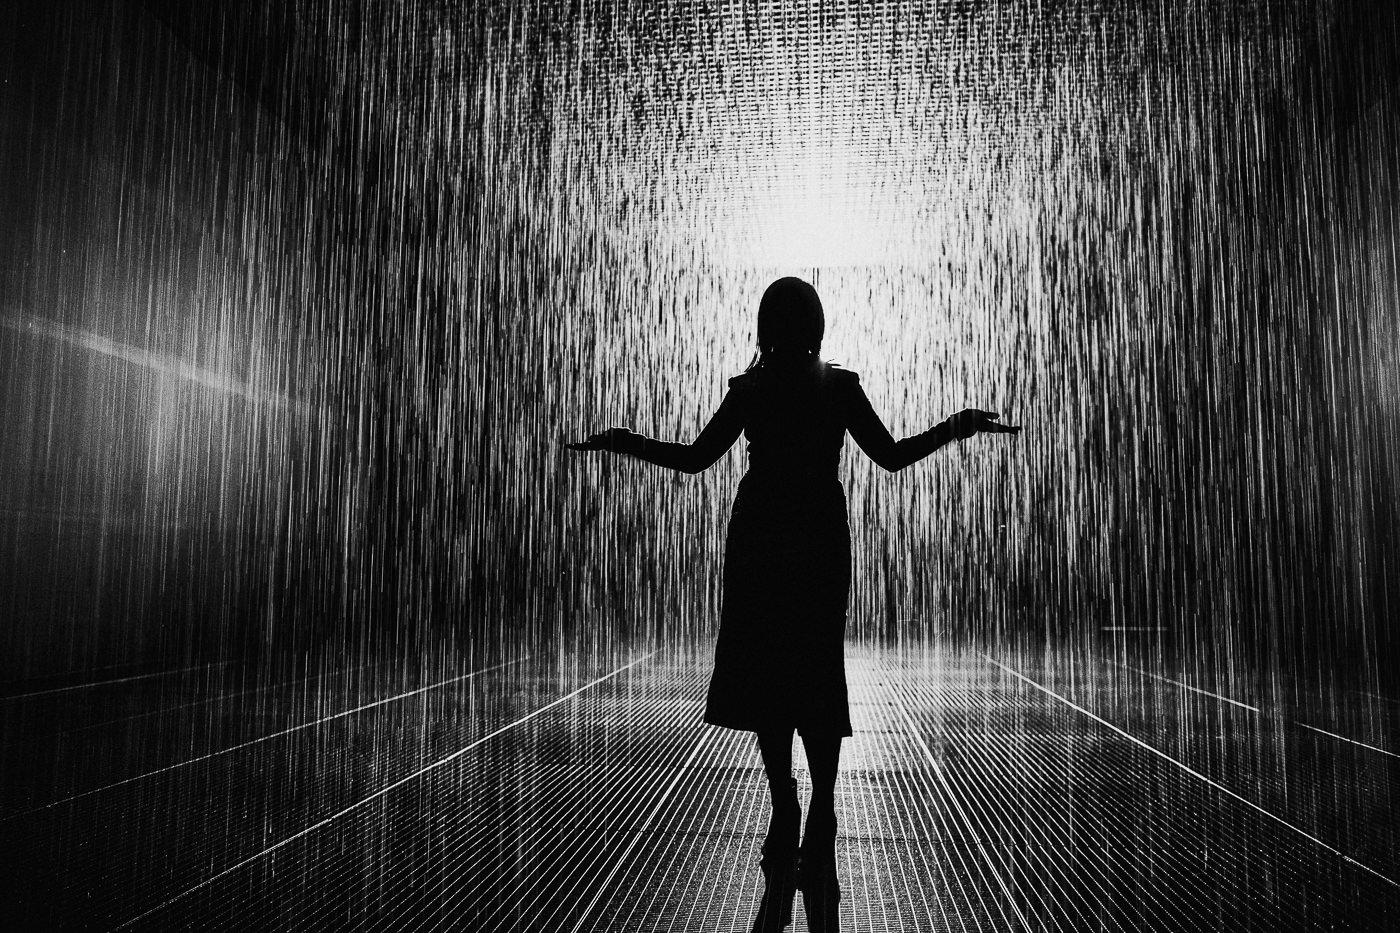 Rain Room picture silhouette